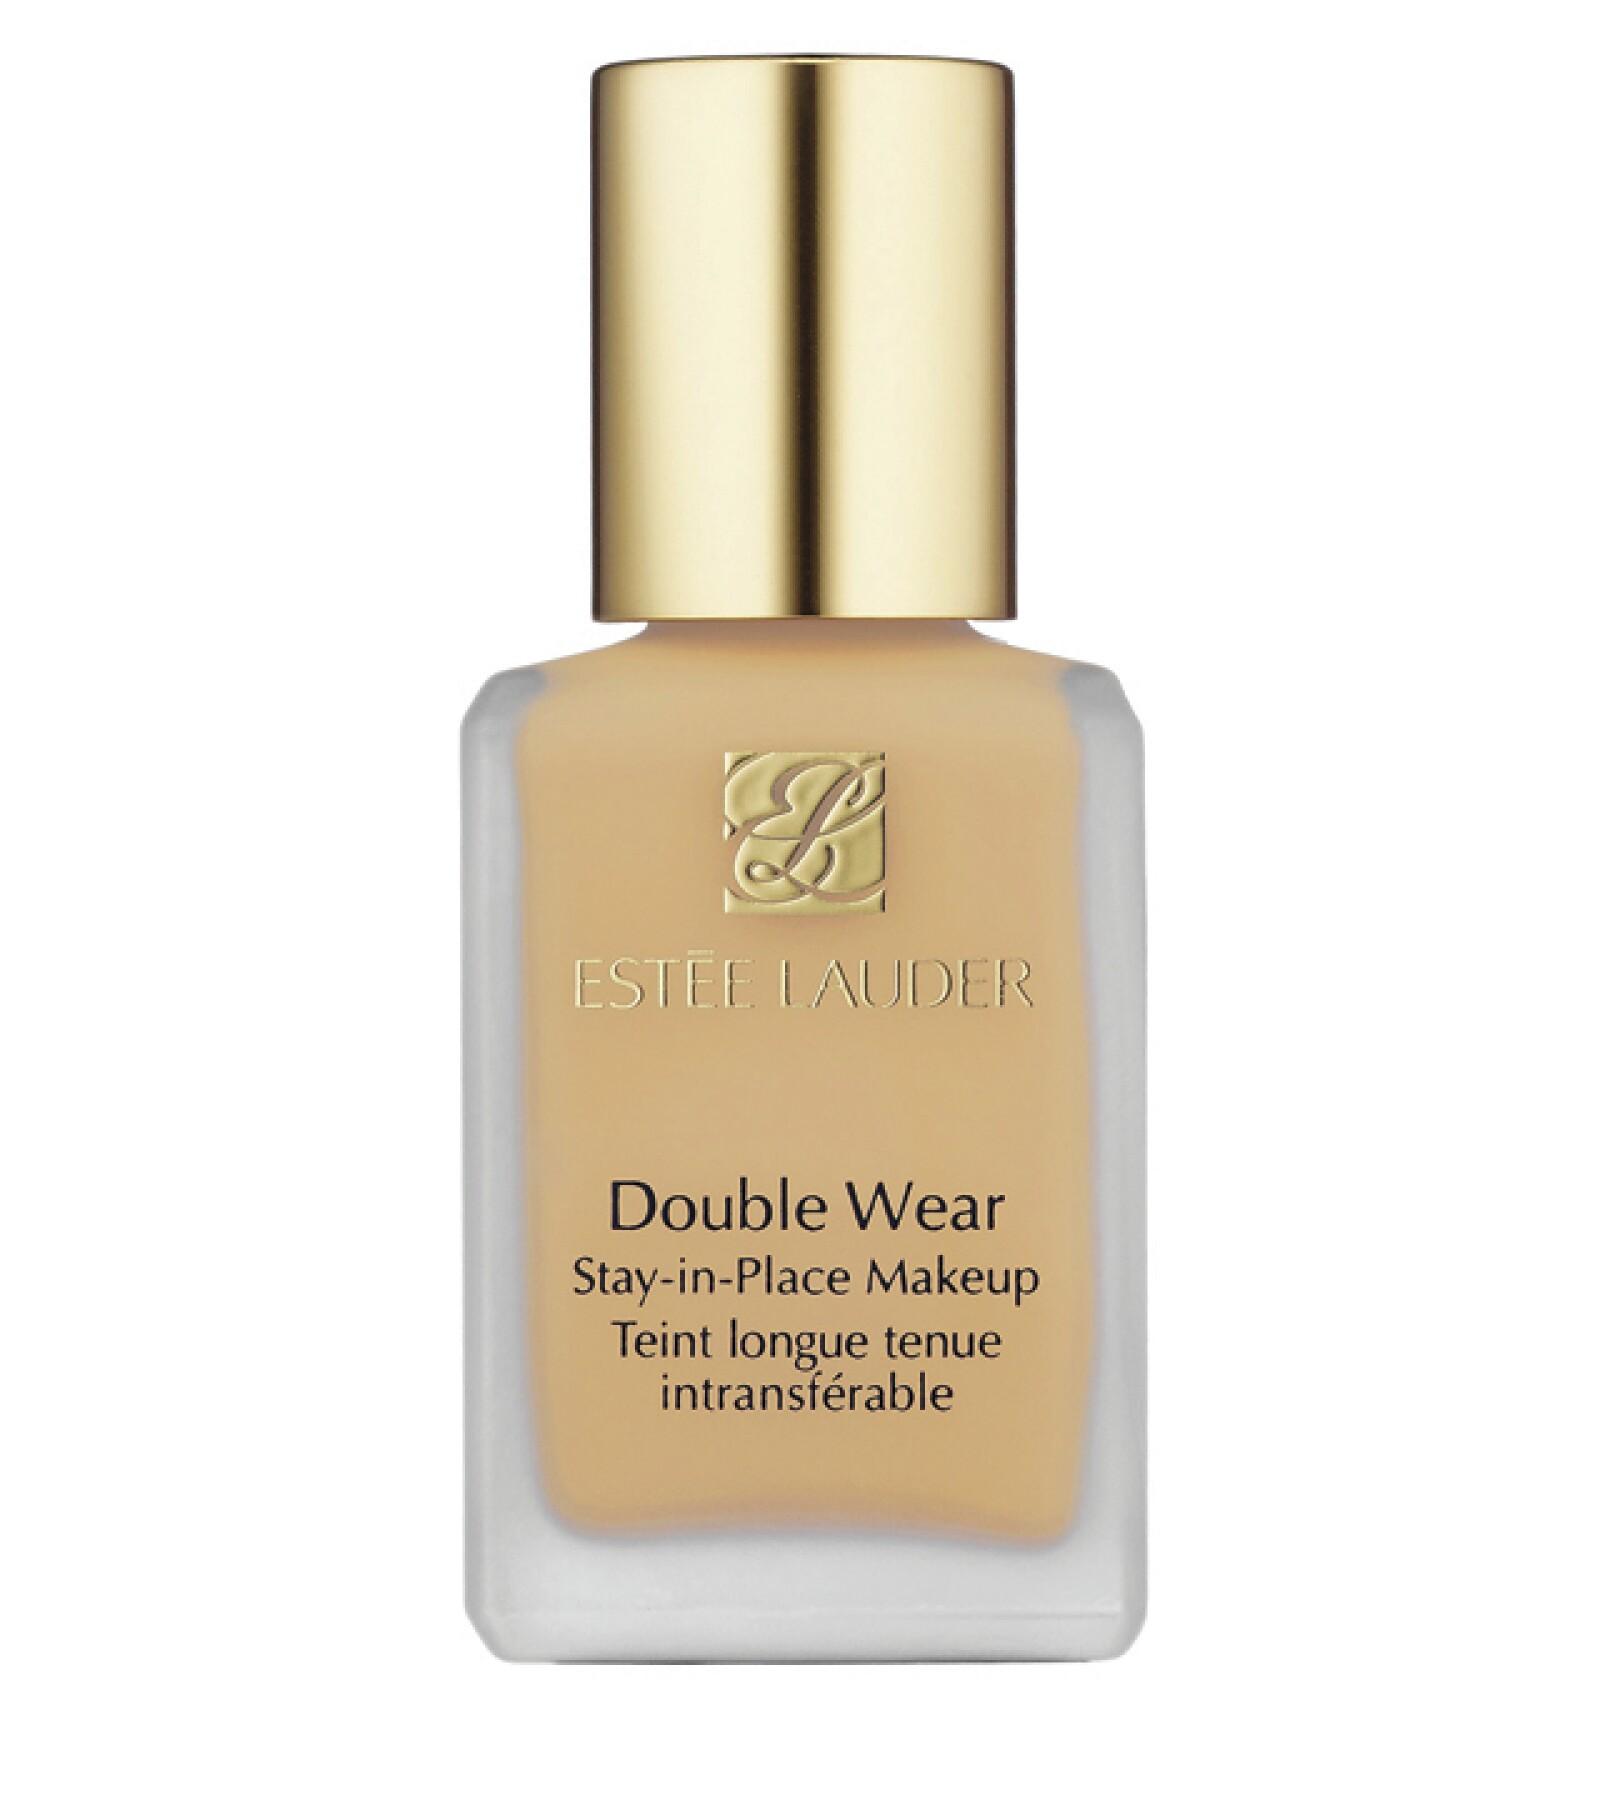 Estée Lauder: Double Wear. Maquillaje que dura hasta 15 horas sin caerse. Perfecto para la noche. Estée Lauder Boutiques. Precio en punto de venta.